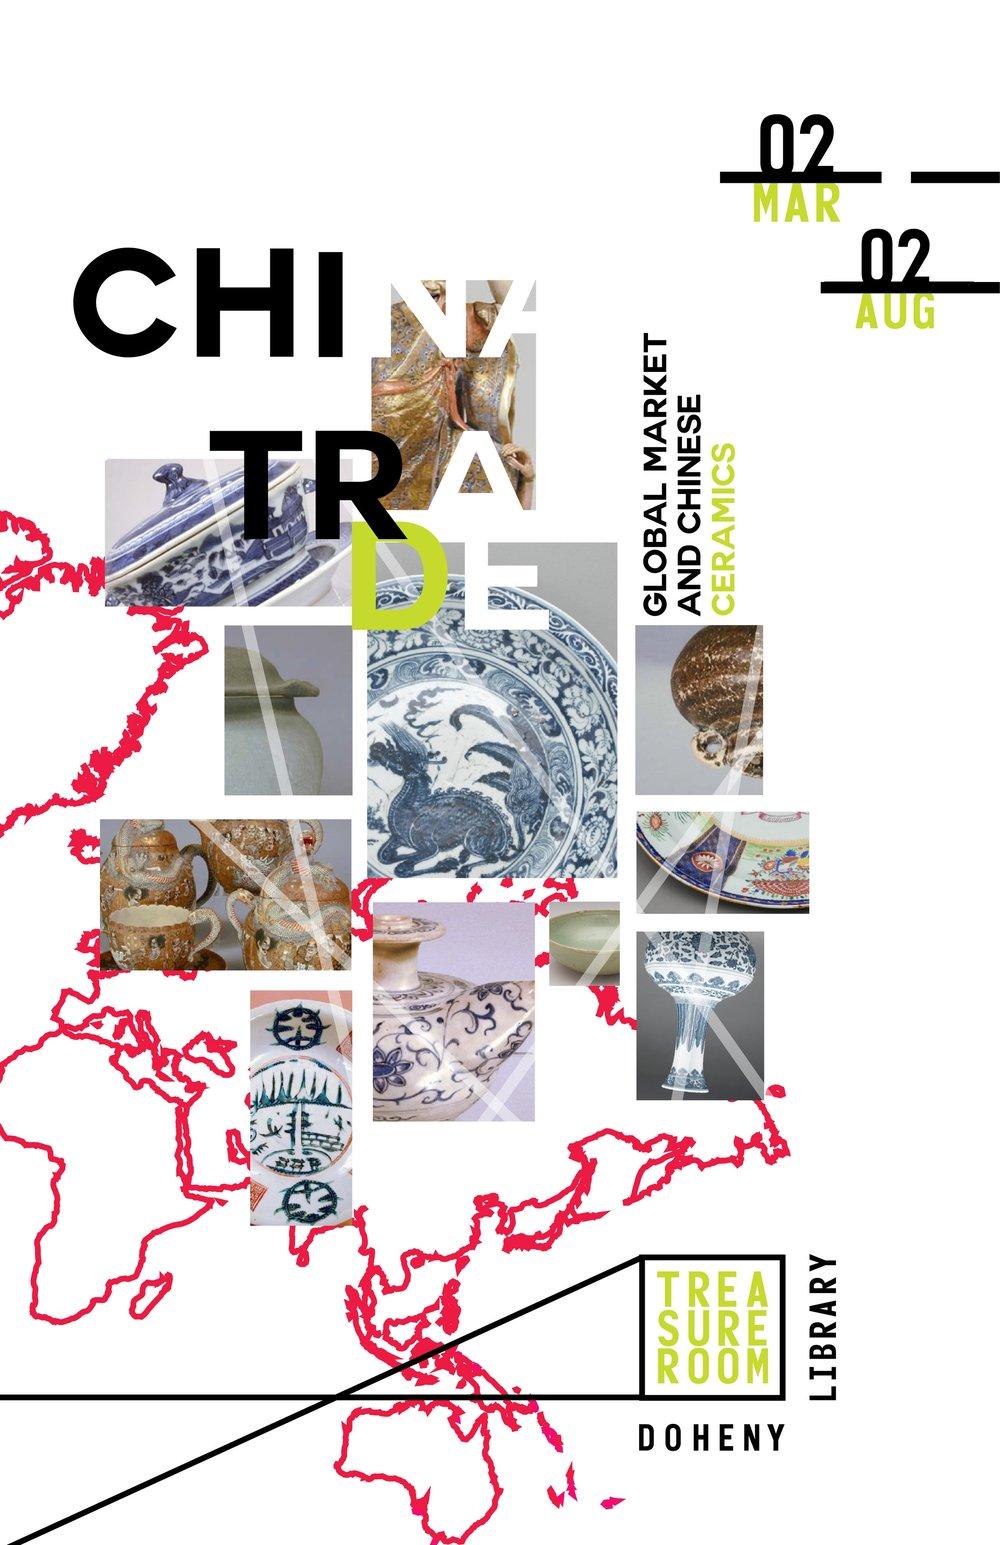 FADN 432 Poster 1-02.jpg